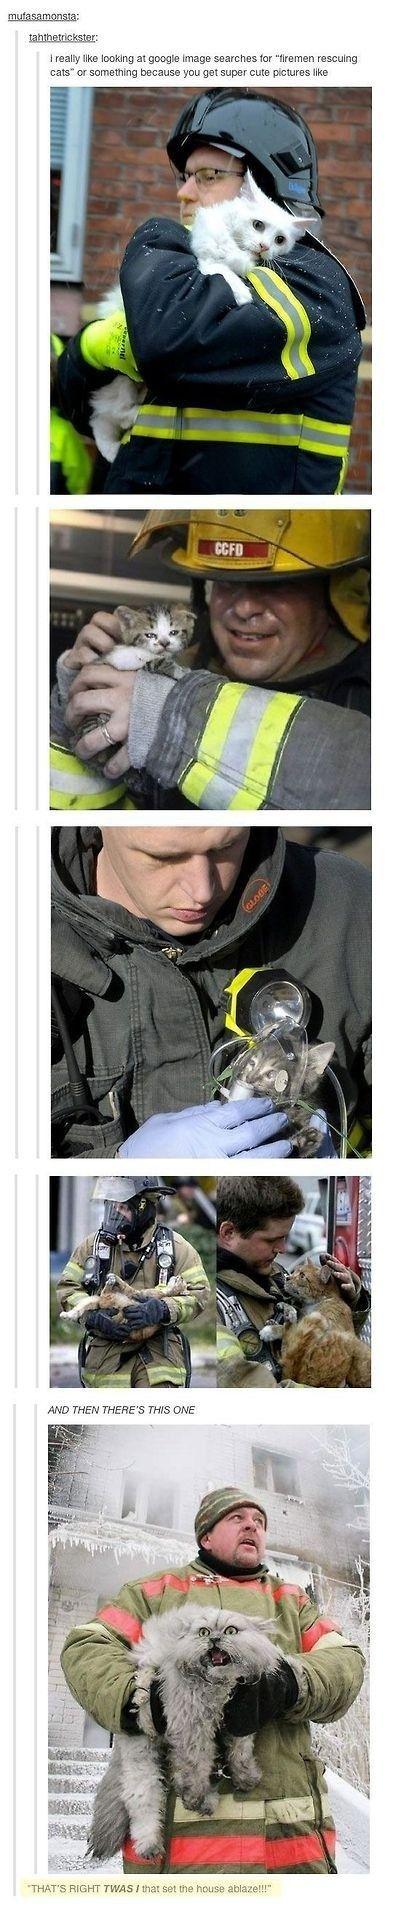 Diese Katze, die das Haus definitiv in Brand gesteckt hat: 32 Katzen, die sich komplett selbst übertroffen haben